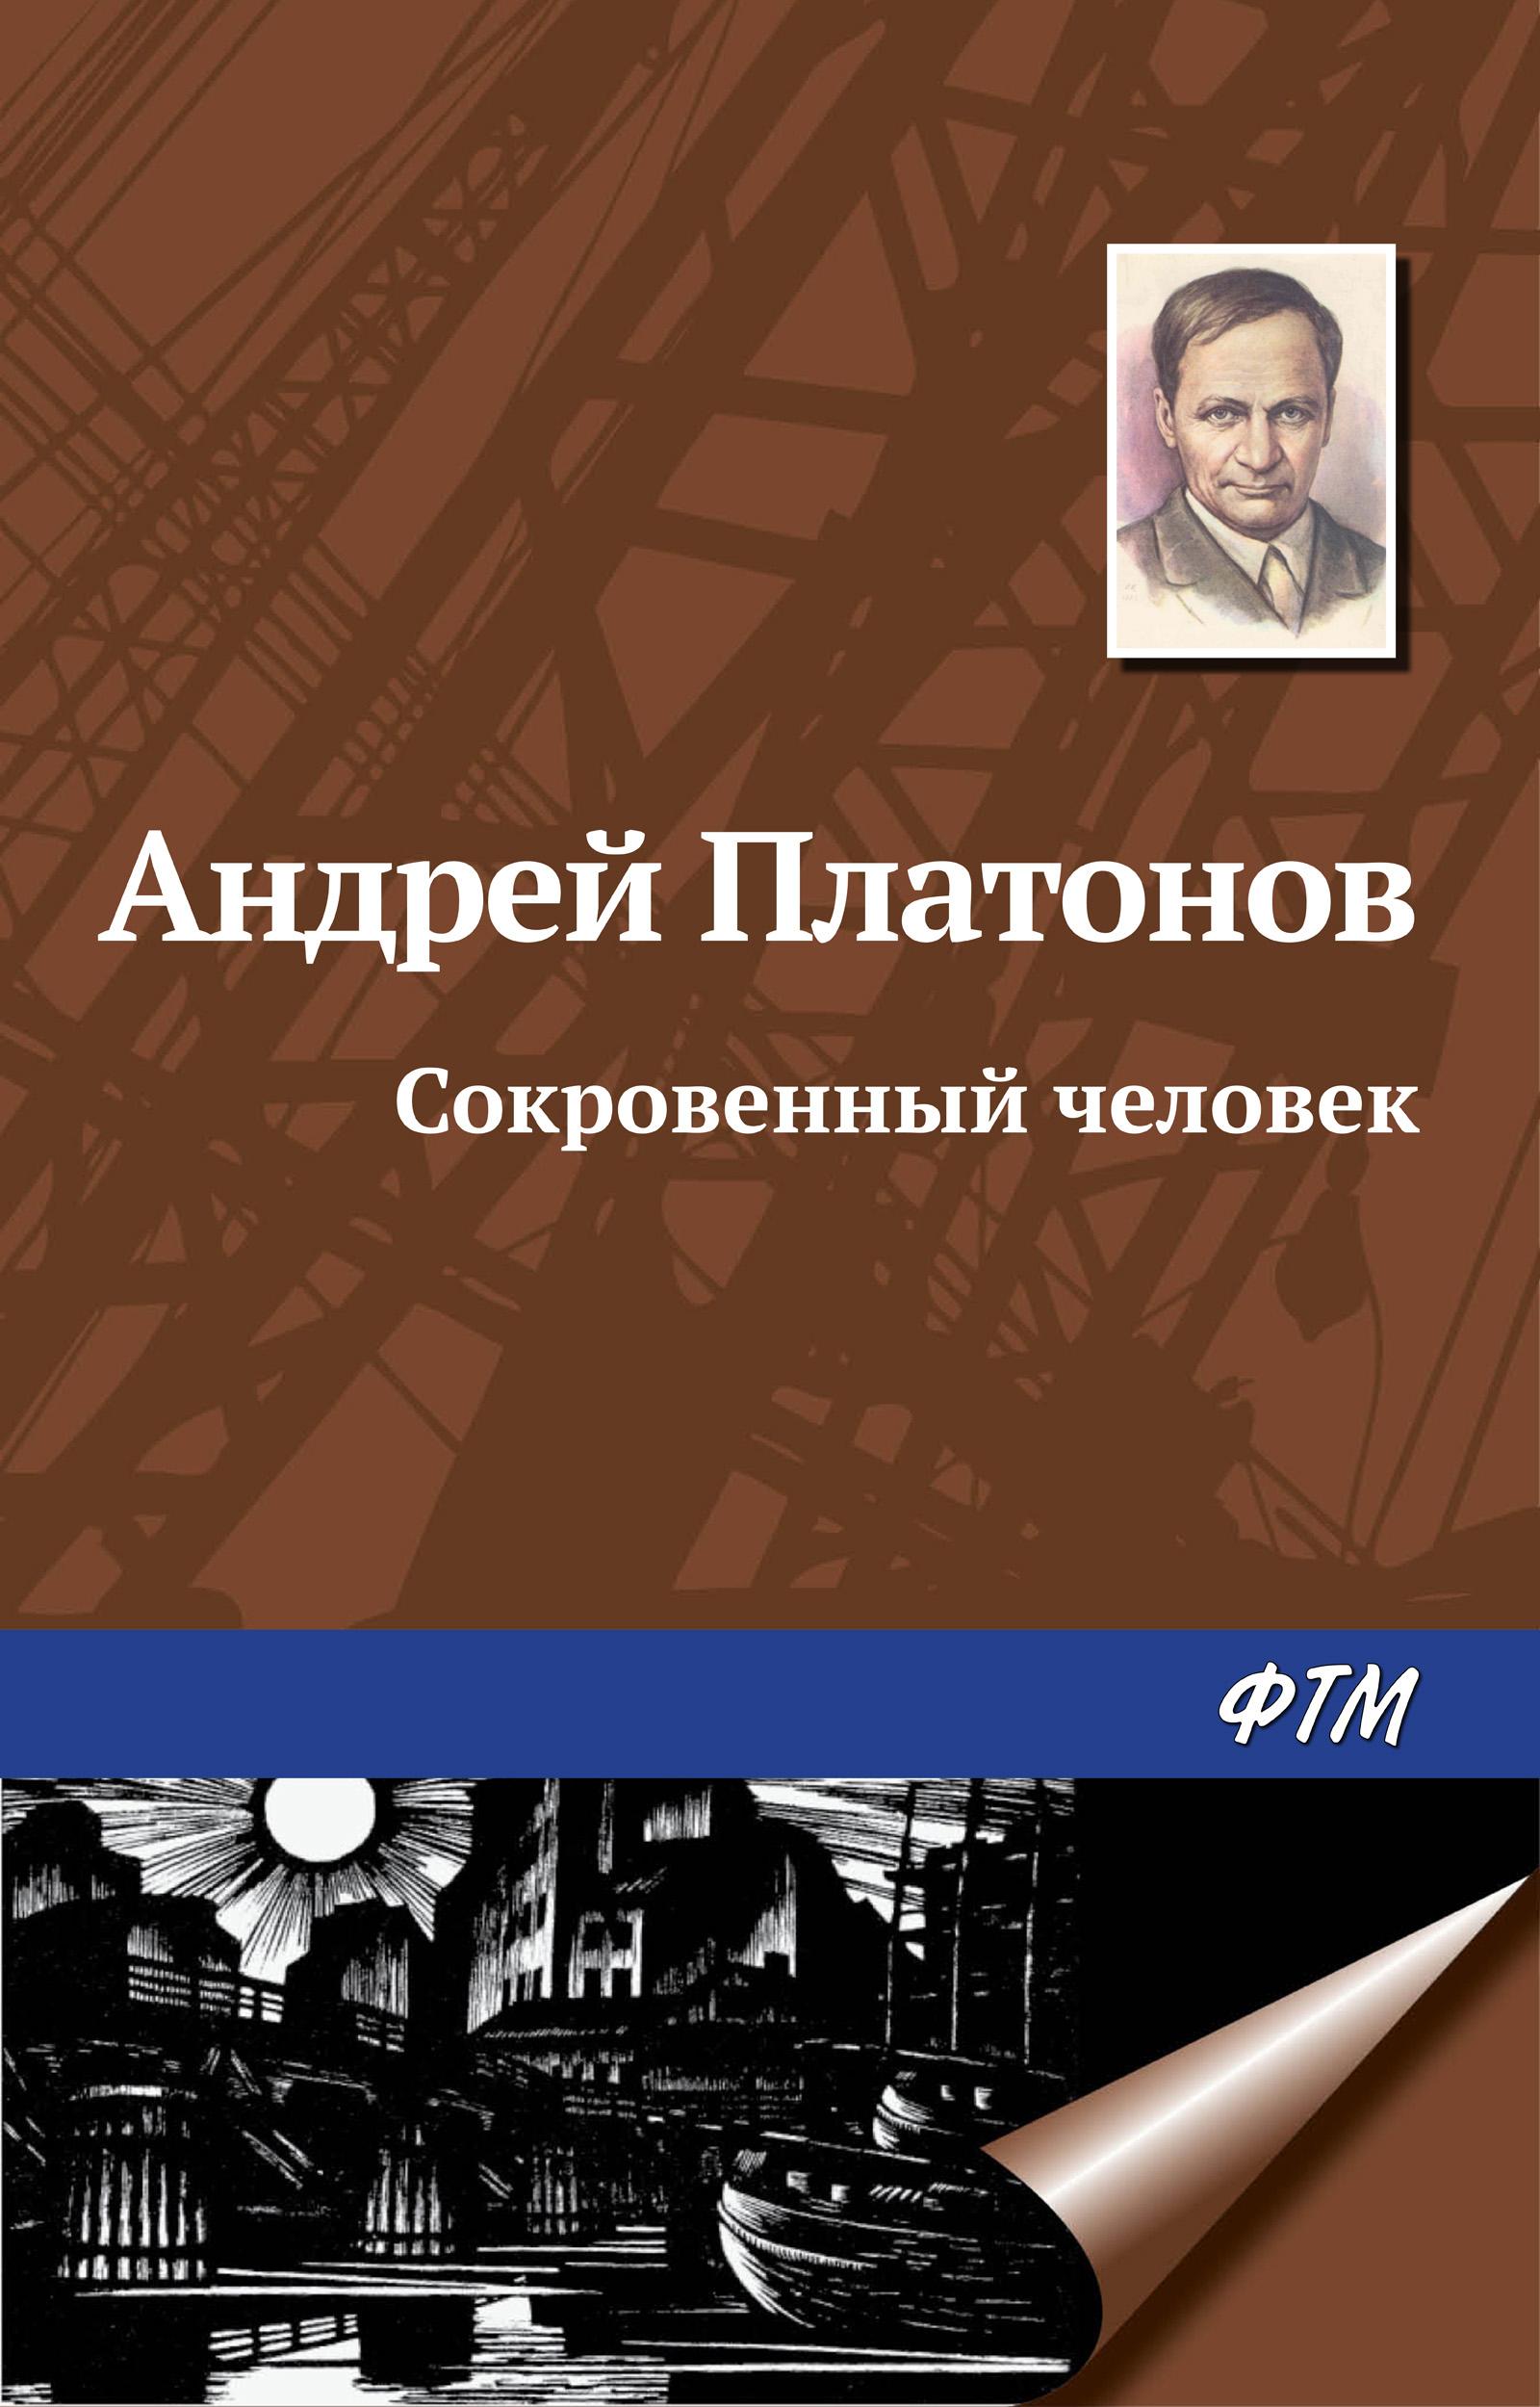 Андрей Платонов Сокровенный человек